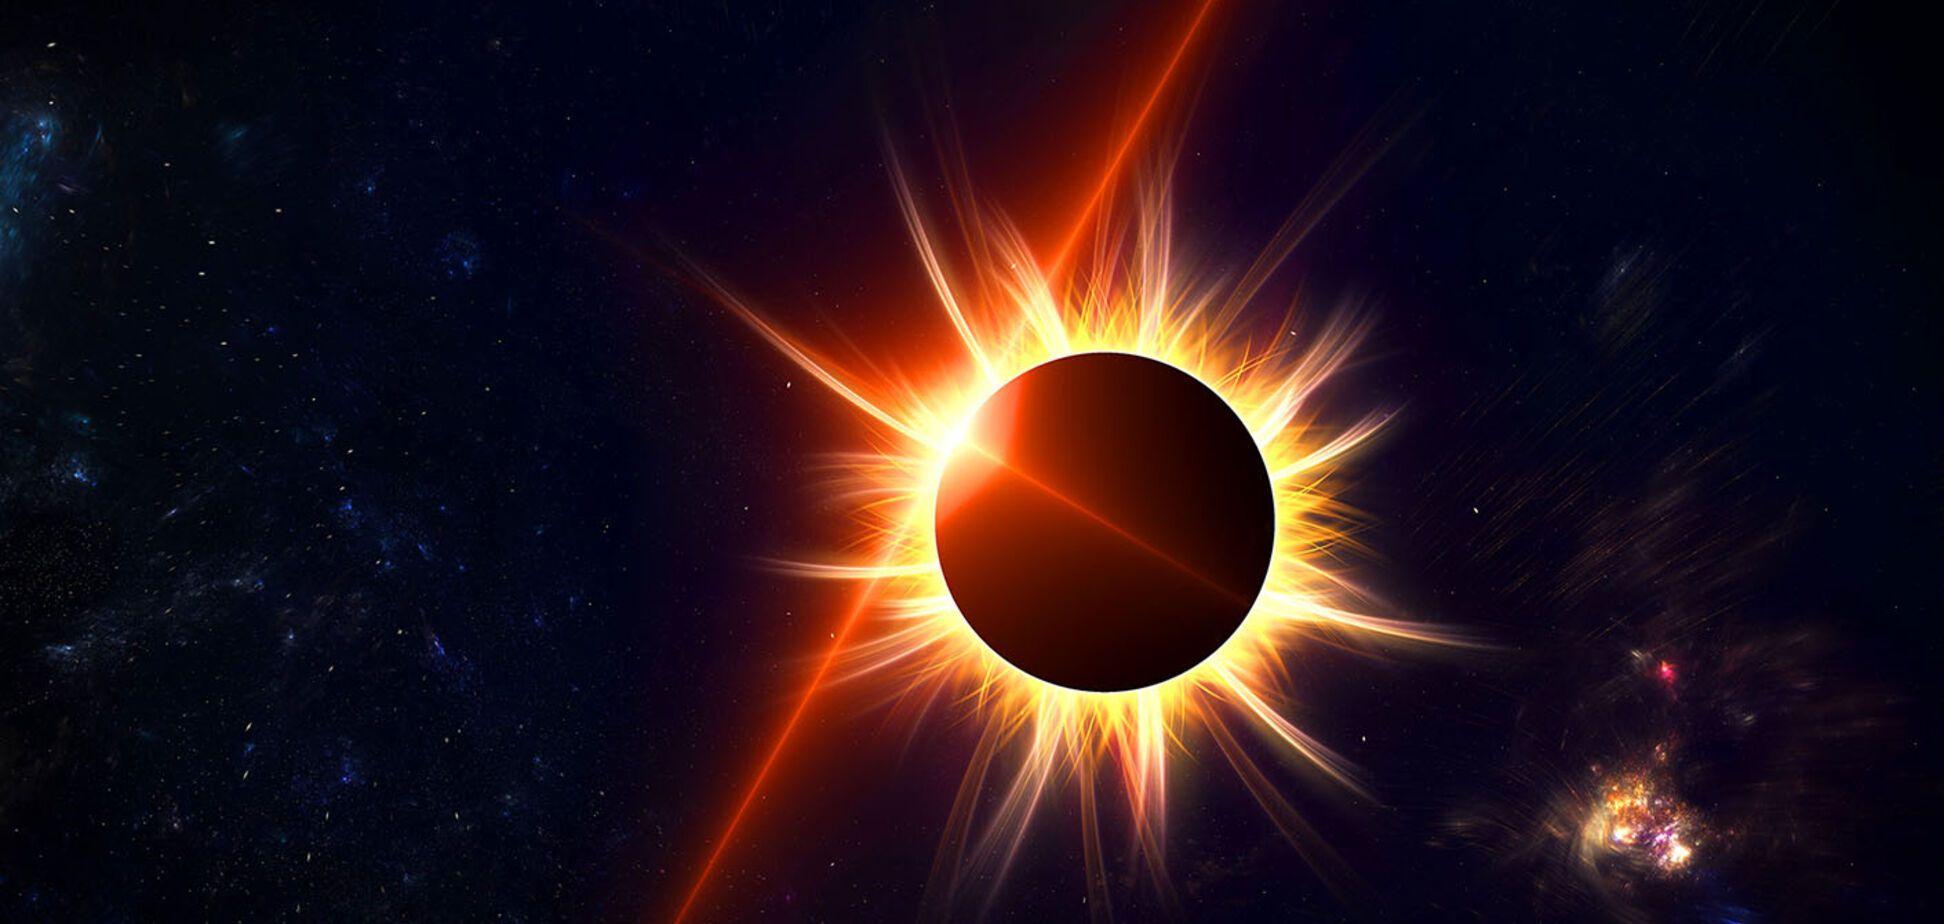 Затмение 15 февраля: маг рассказал, как открыть все дороги